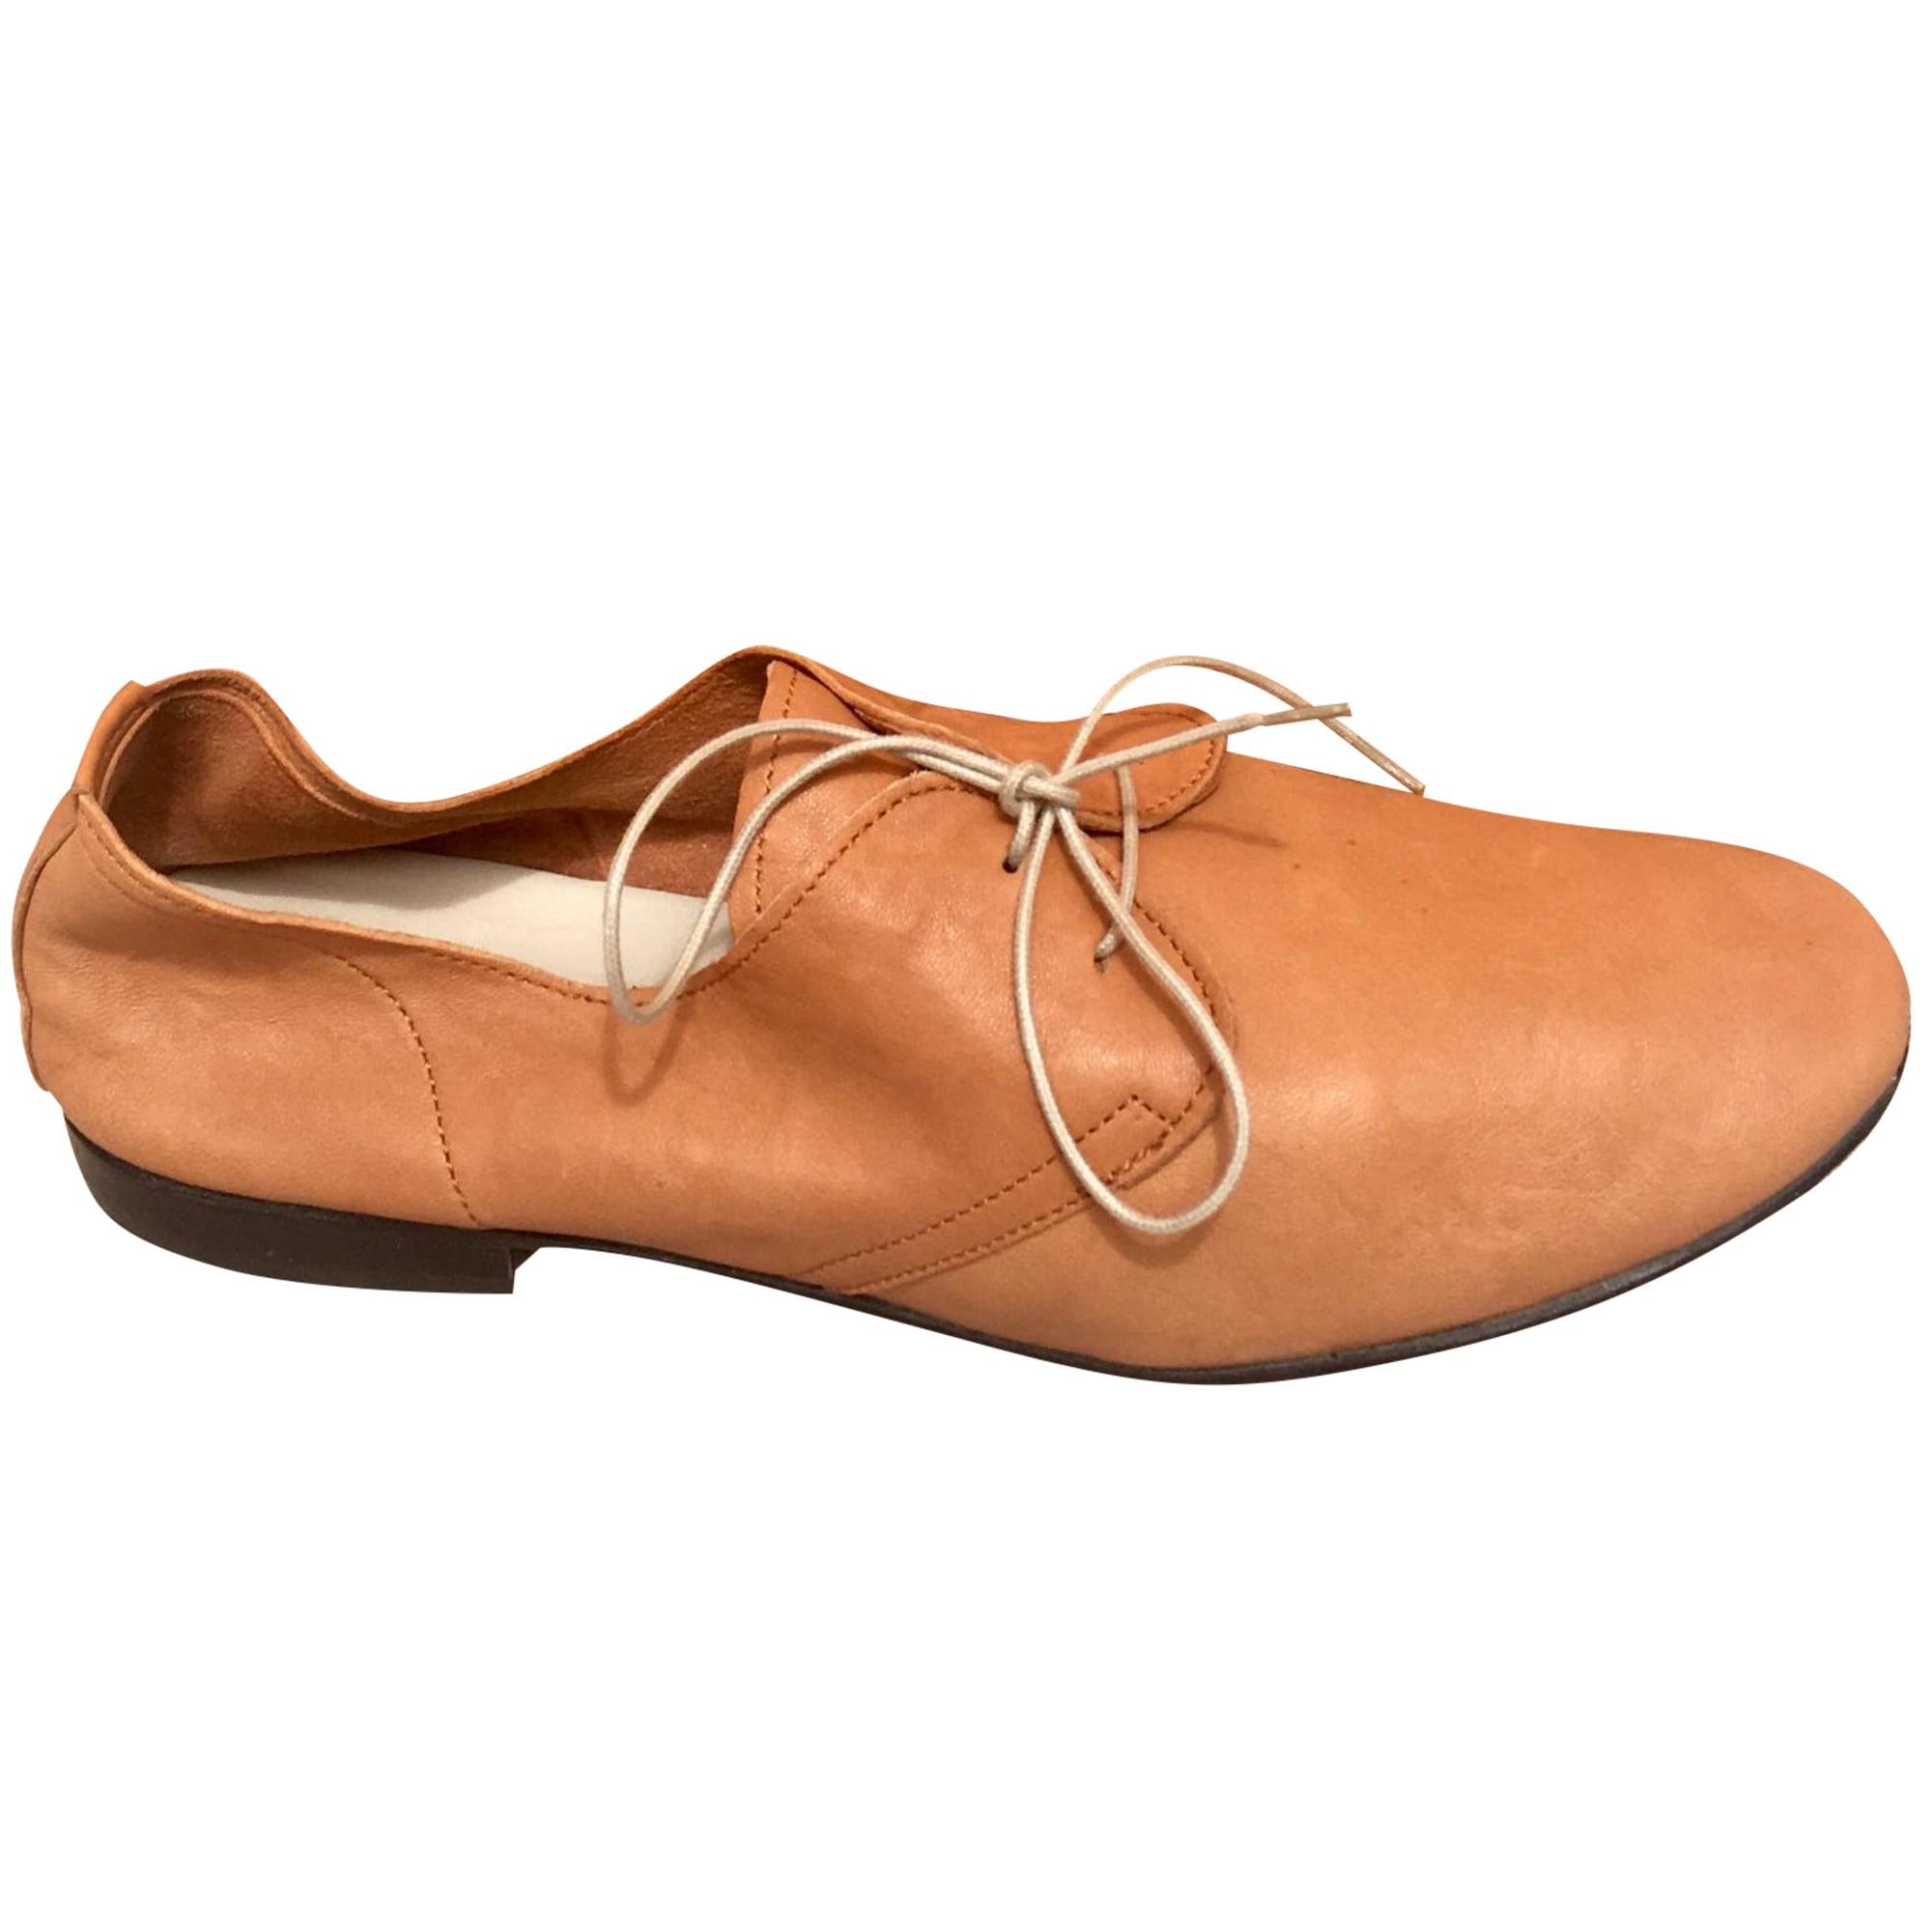 Chaussures de danse  ANNIEL Beige, camel